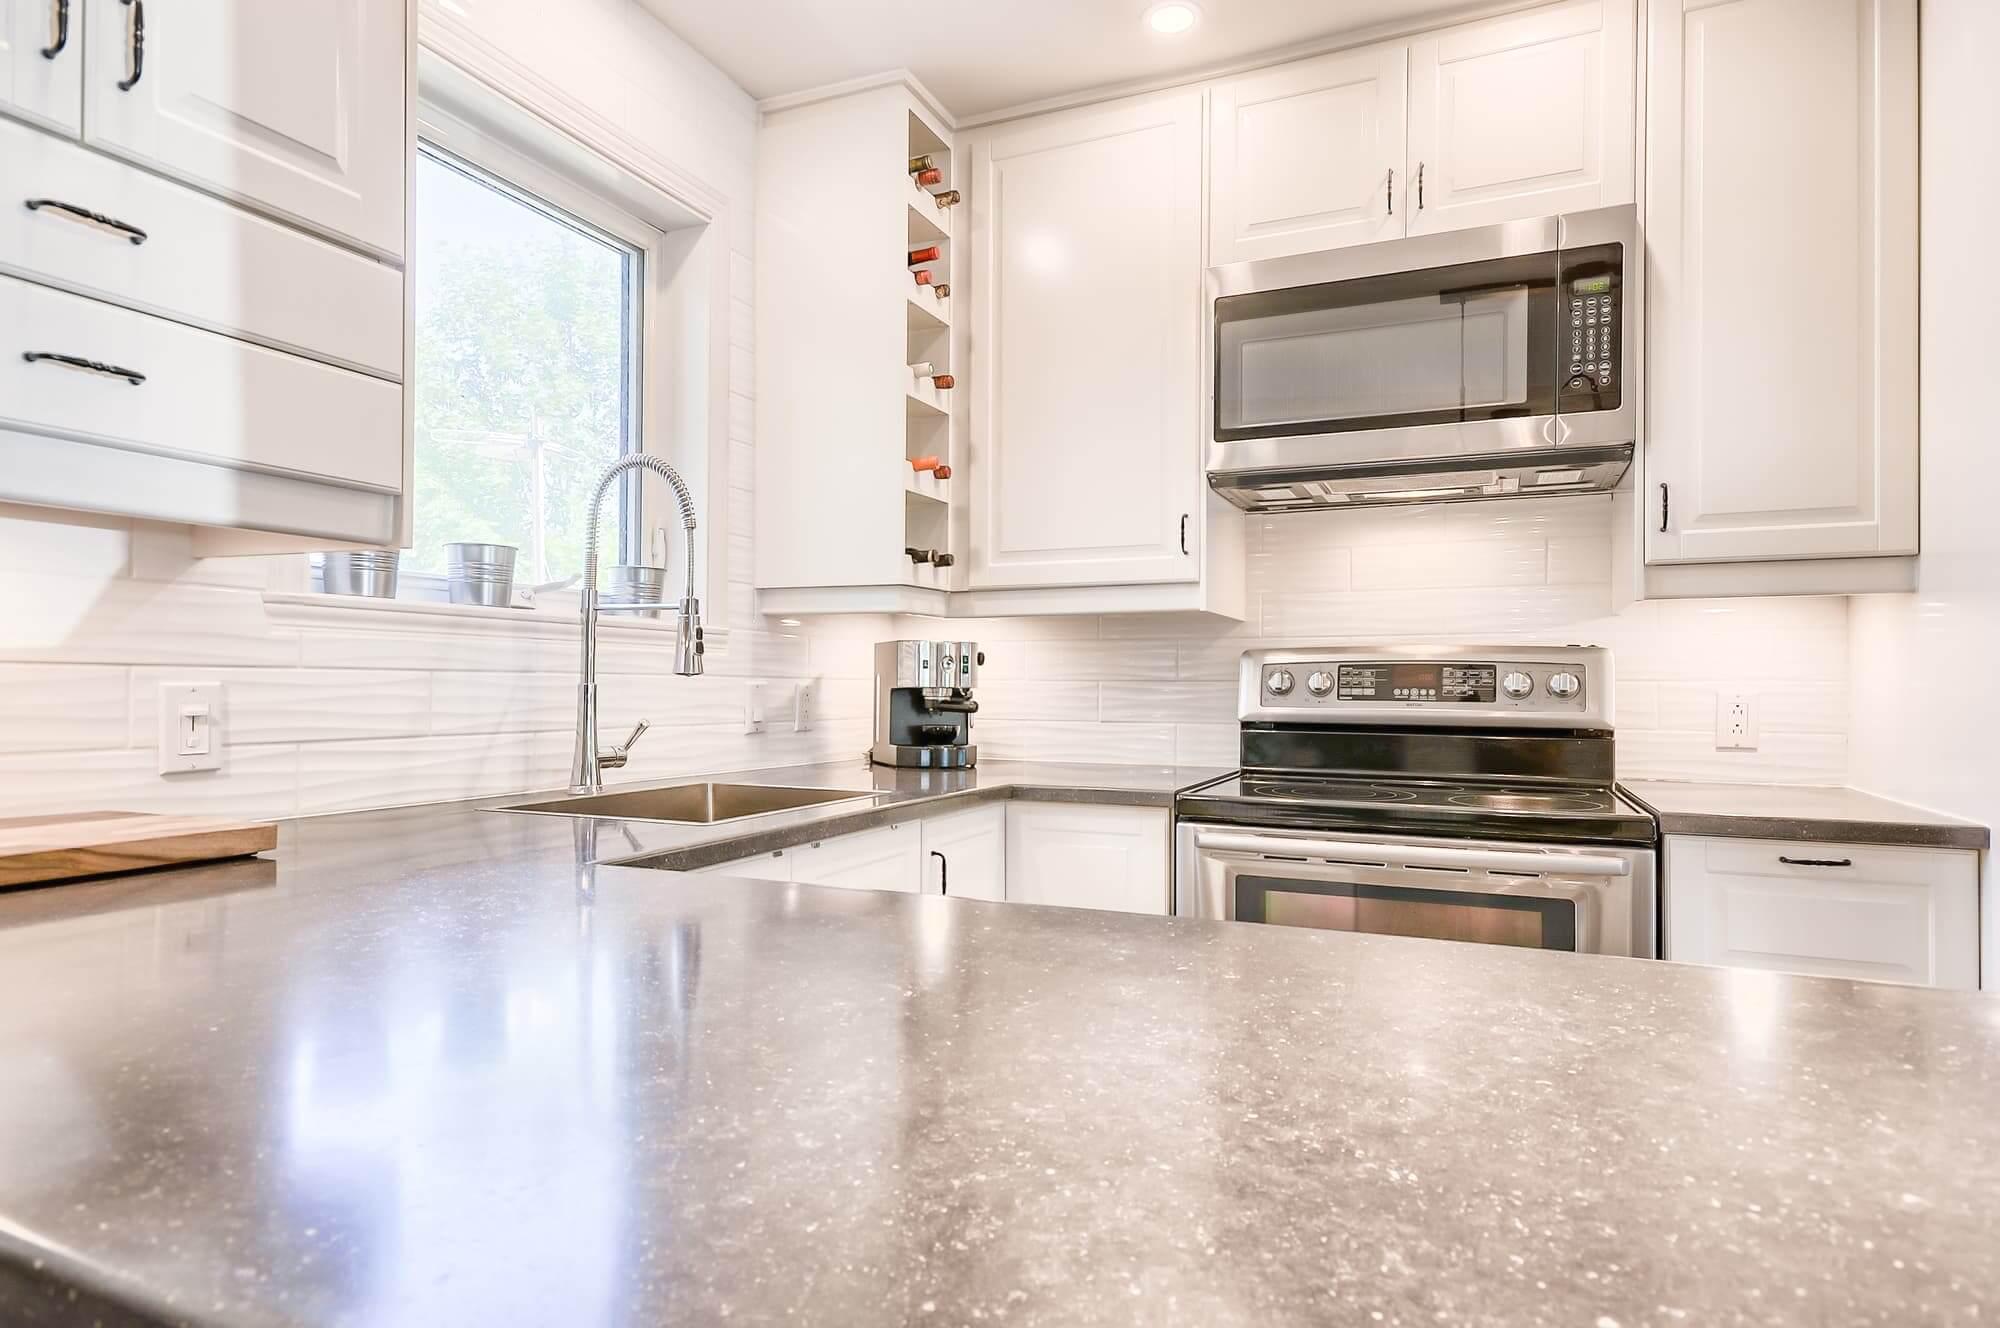 cuisine design blanche avec comptoirs gris